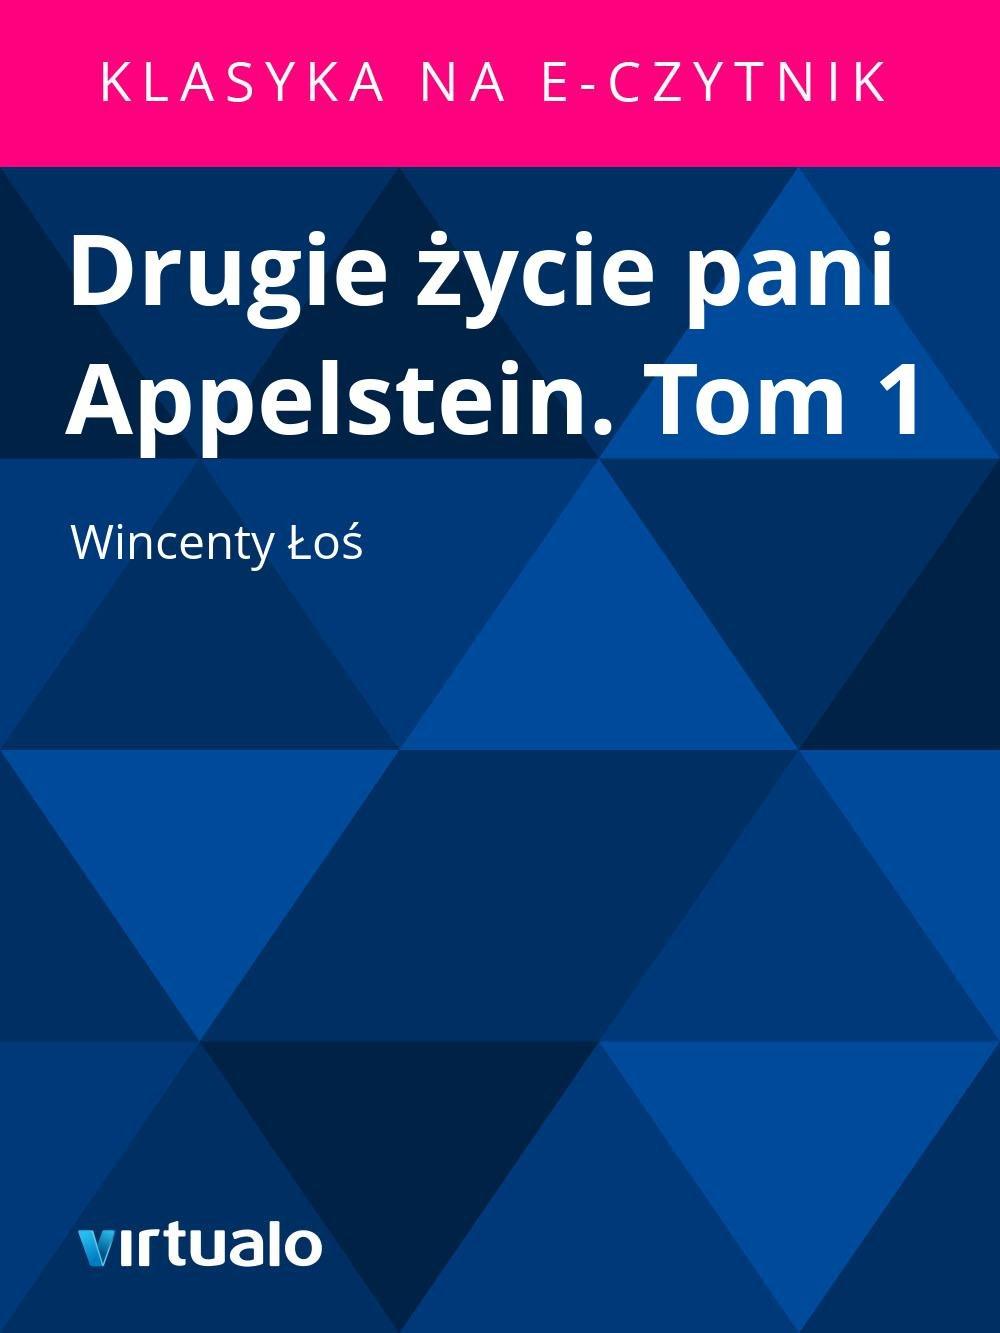 Drugie życie pani Appelstein. Tom 1 - Ebook (Książka EPUB) do pobrania w formacie EPUB